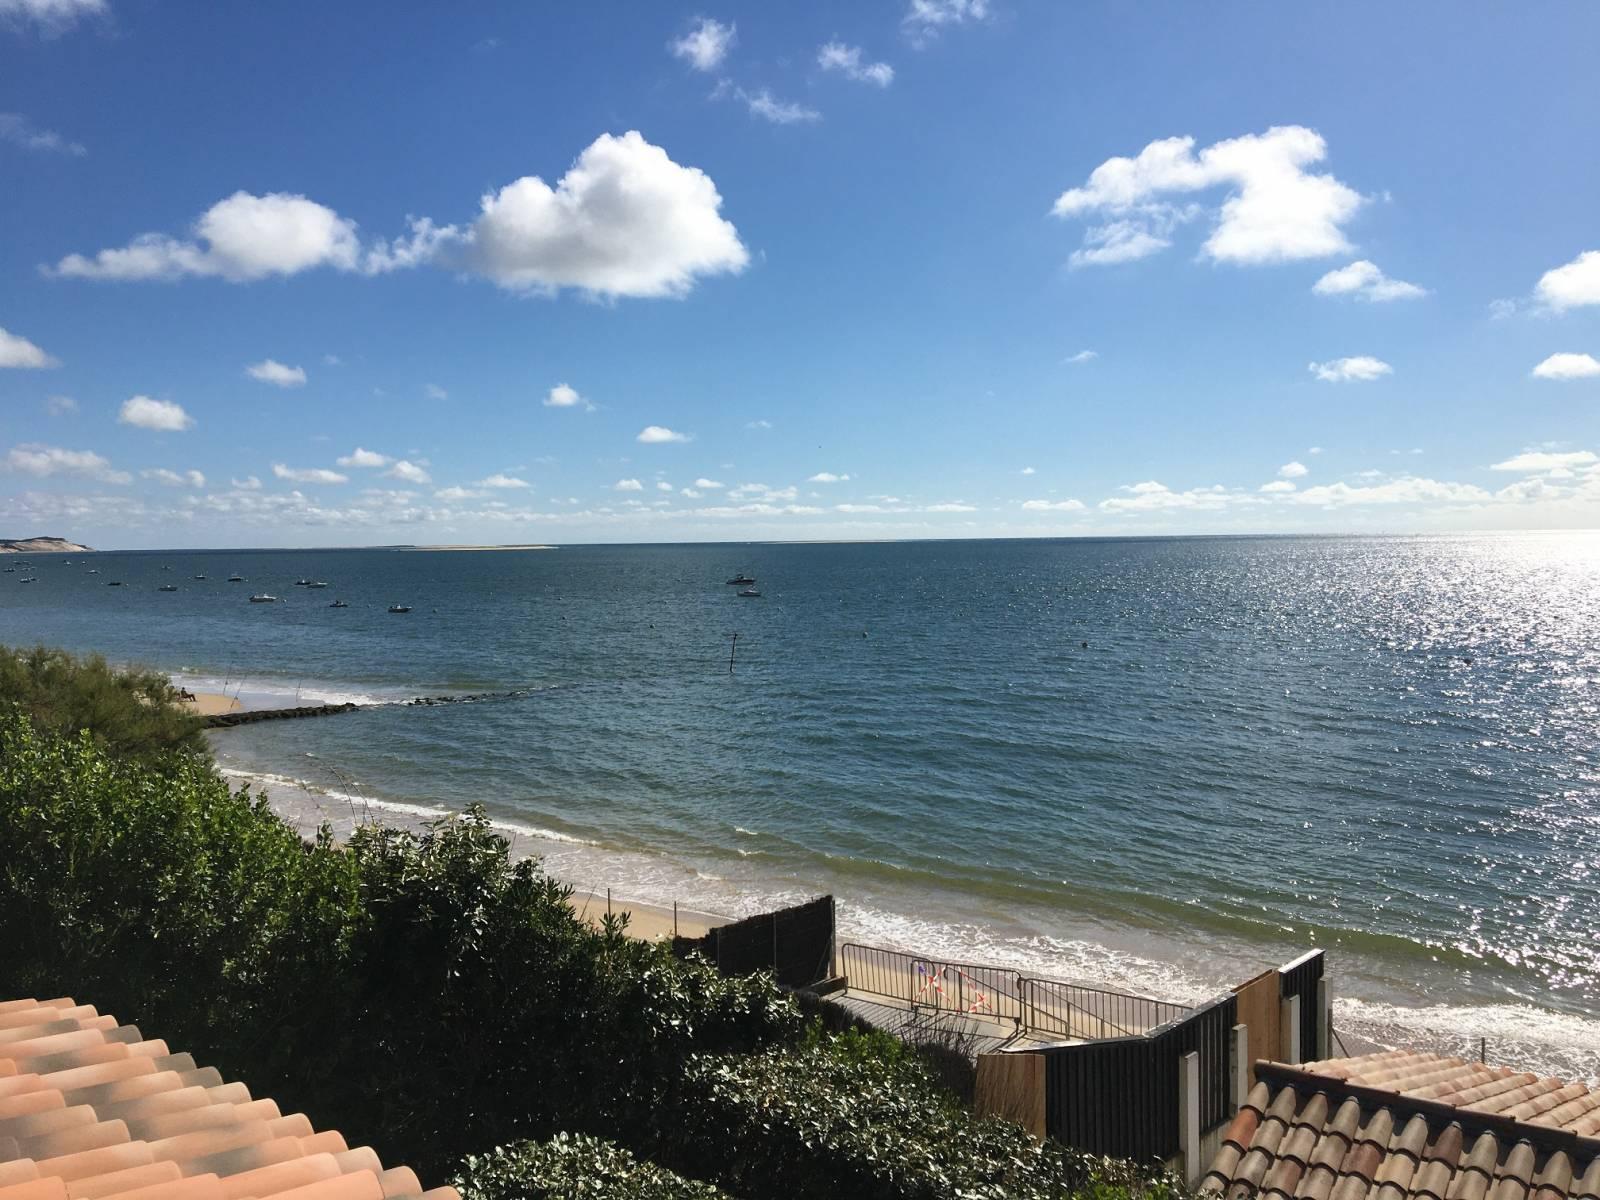 Pyla Plage Maison De Bord De Mer Avec Acces Direct Sur Le Bassin D